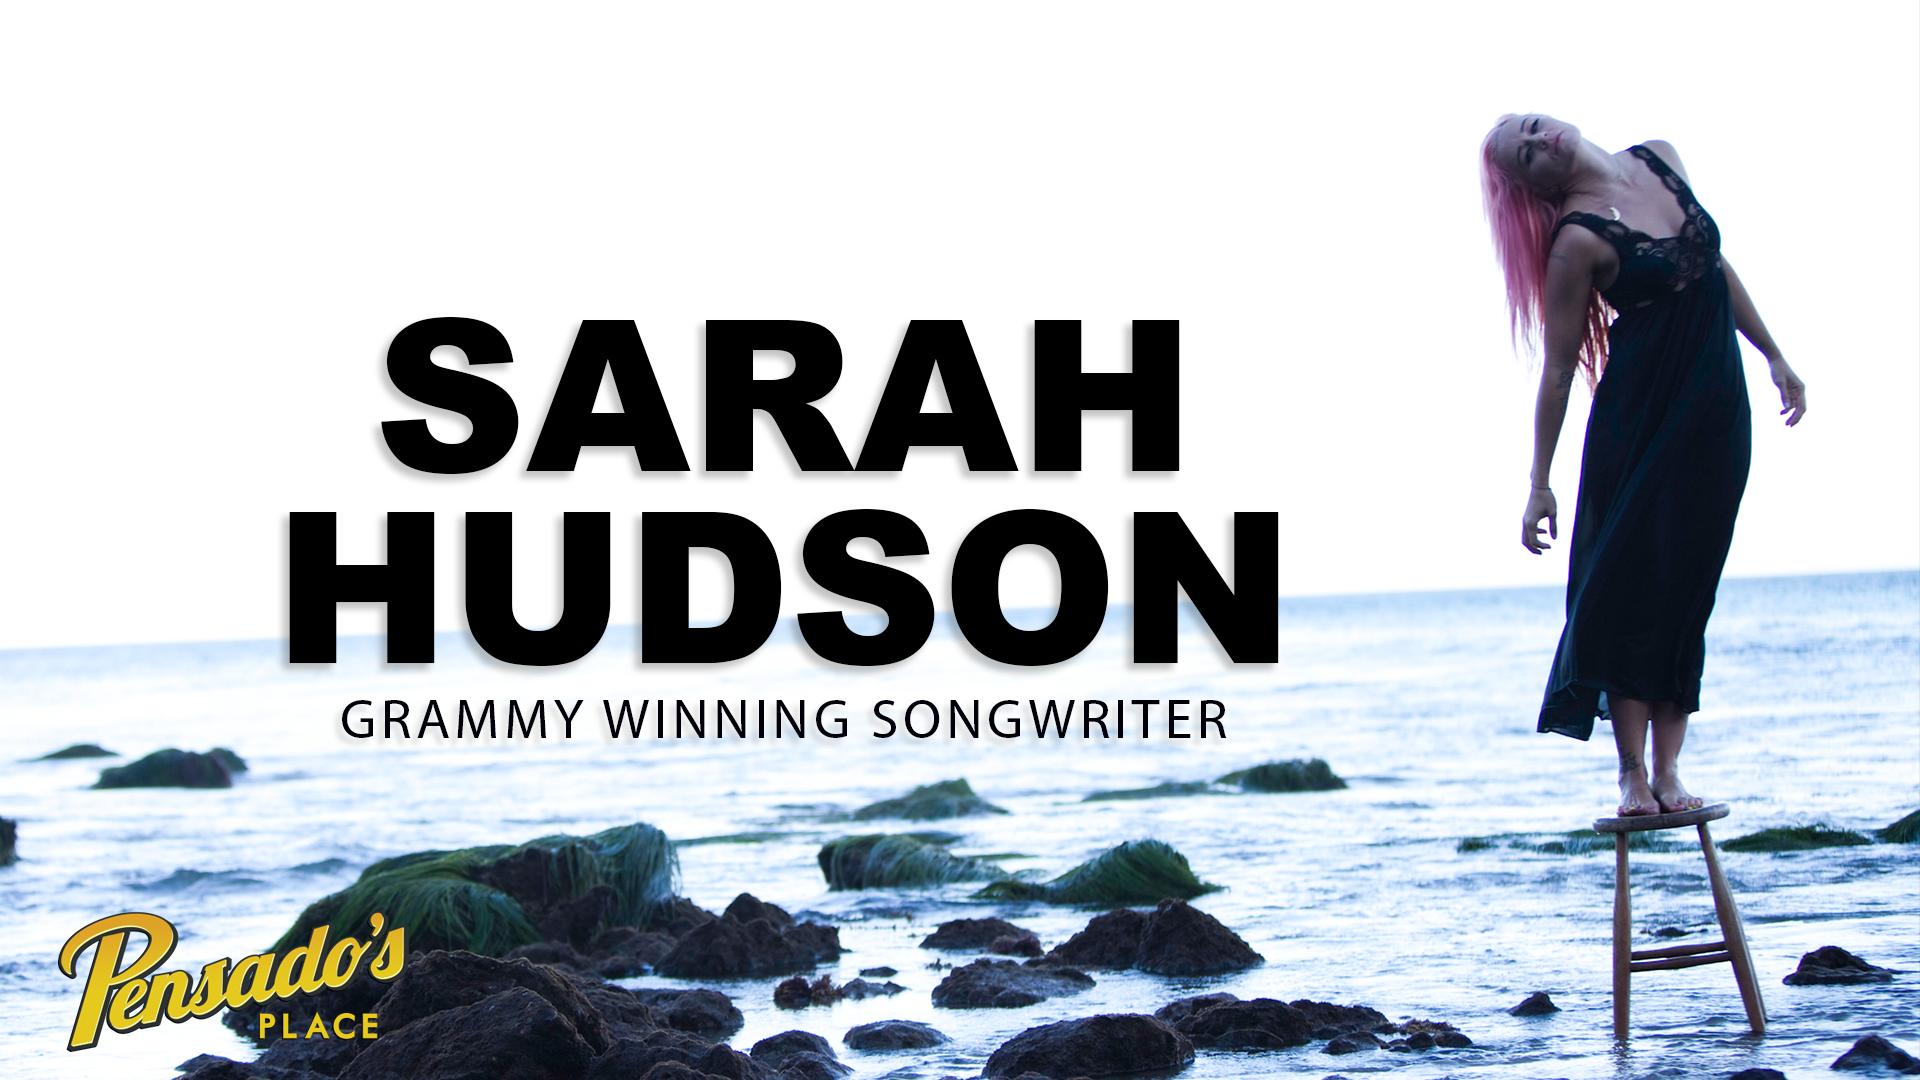 Grammy Winning Songwriter, Sarah Hudson